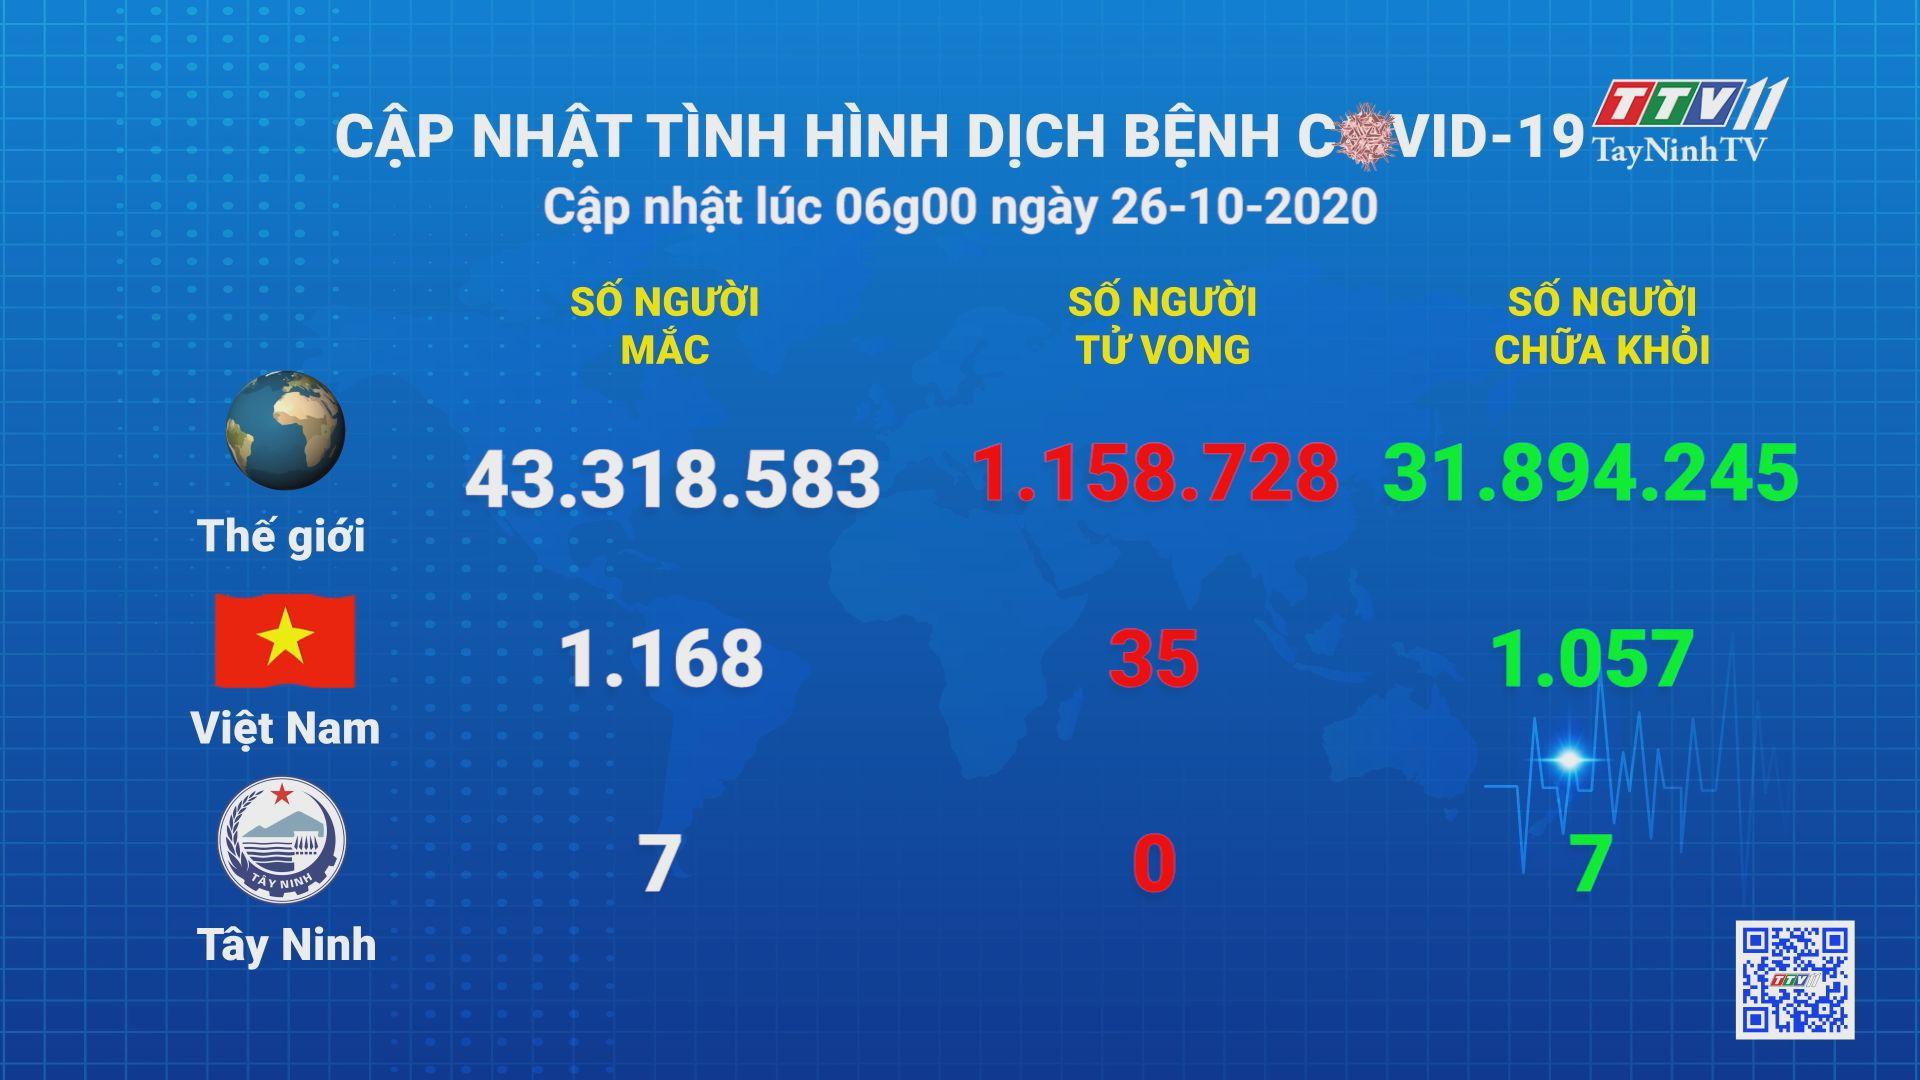 Cập nhật tình hình Covid-19 vào lúc 06 giờ 26-10-2020 | Thông tin dịch Covid-19 | TayNinhTV